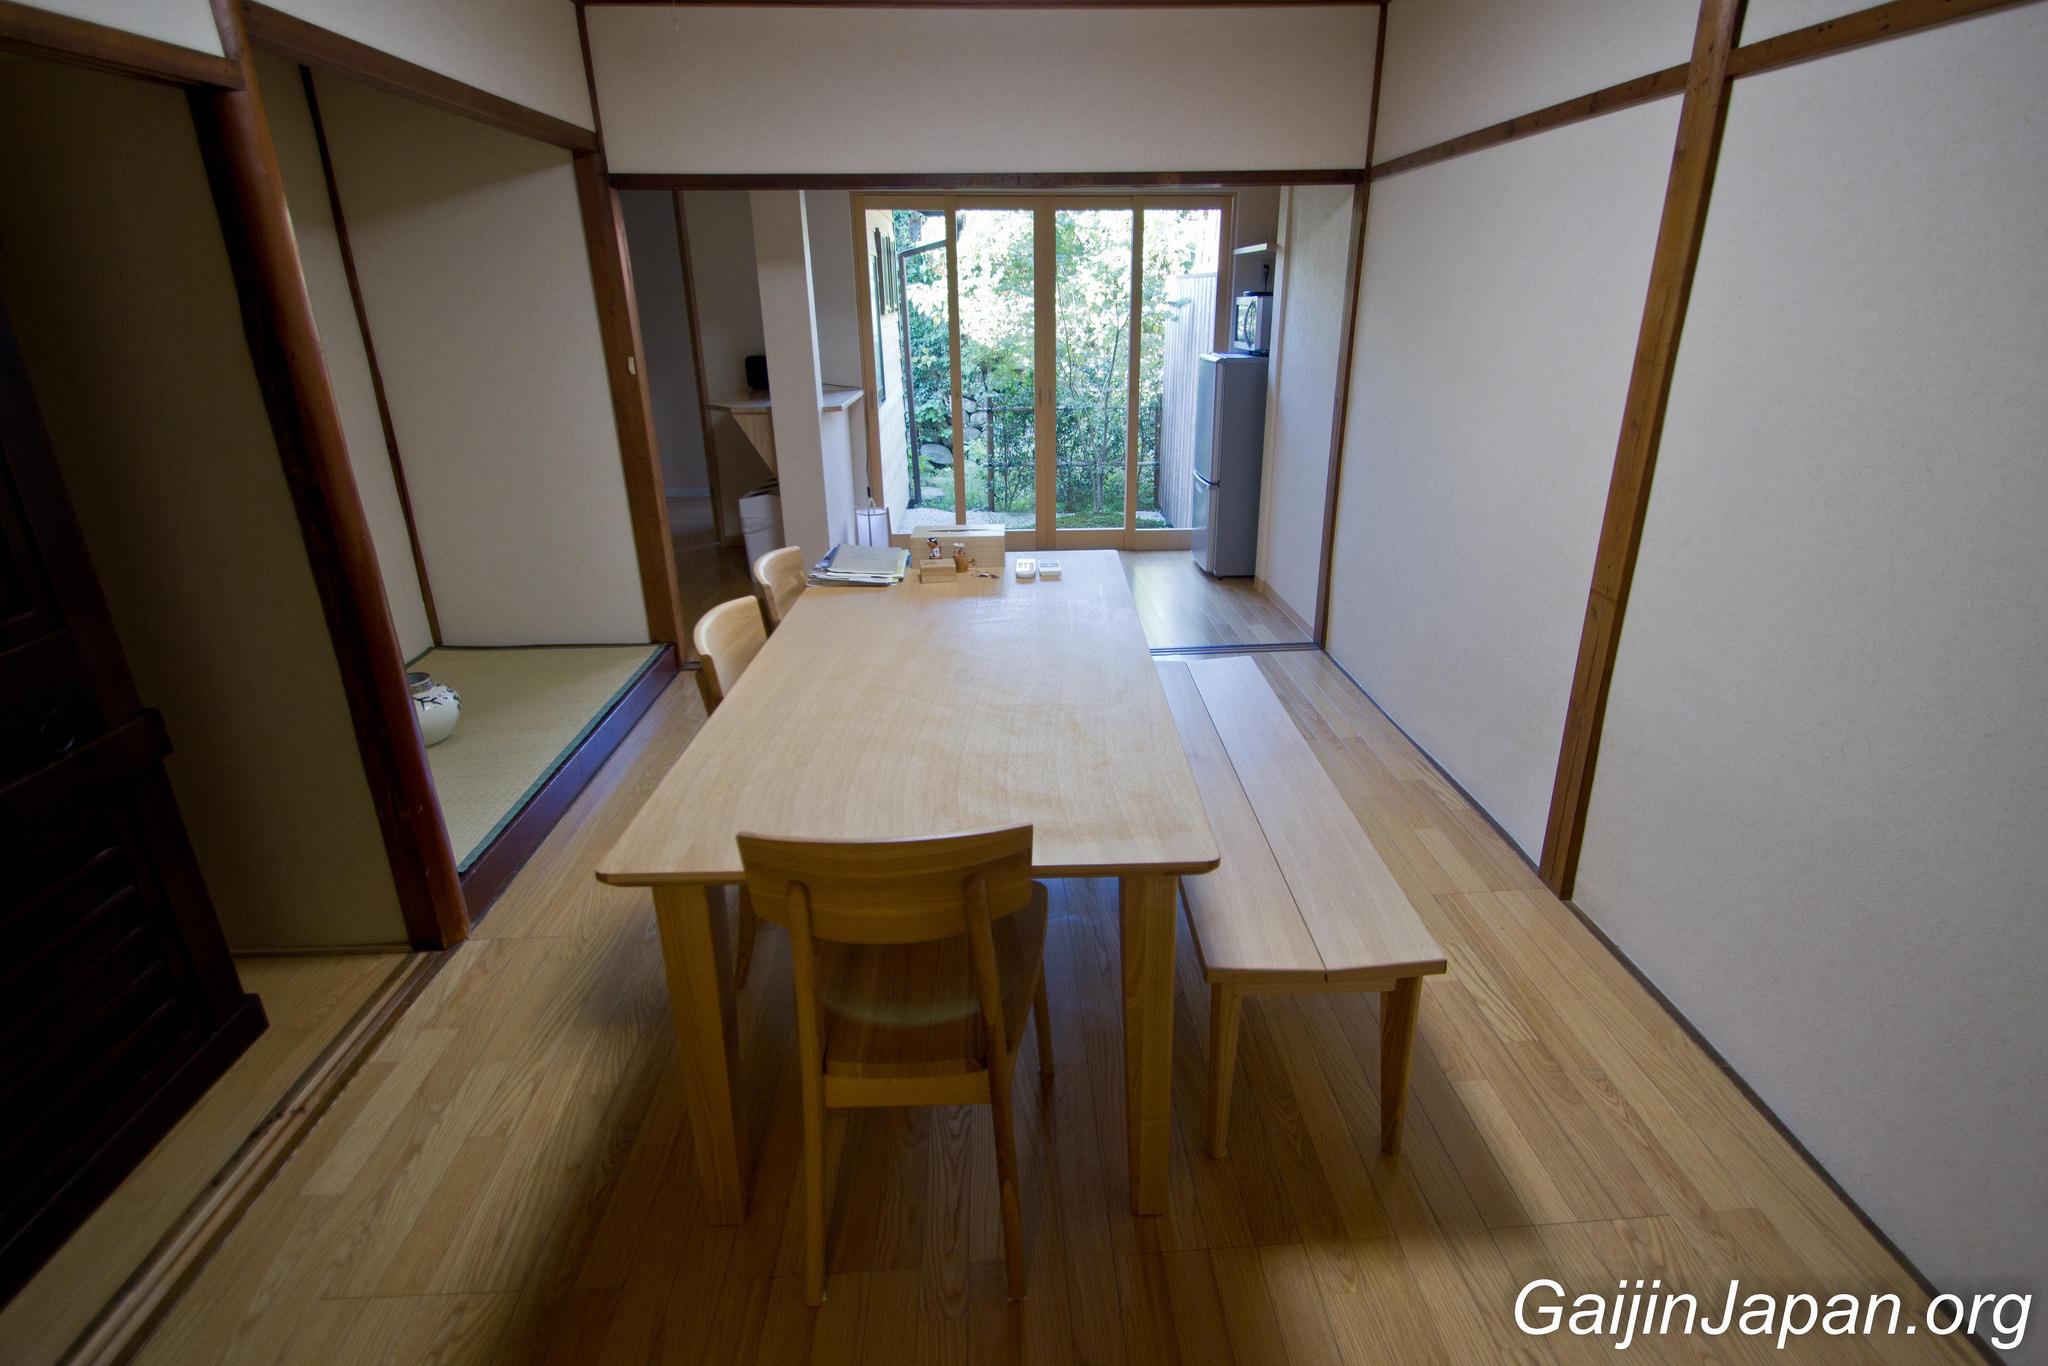 maisons du japon facons duhabiter au japon maisons villes. Black Bedroom Furniture Sets. Home Design Ideas